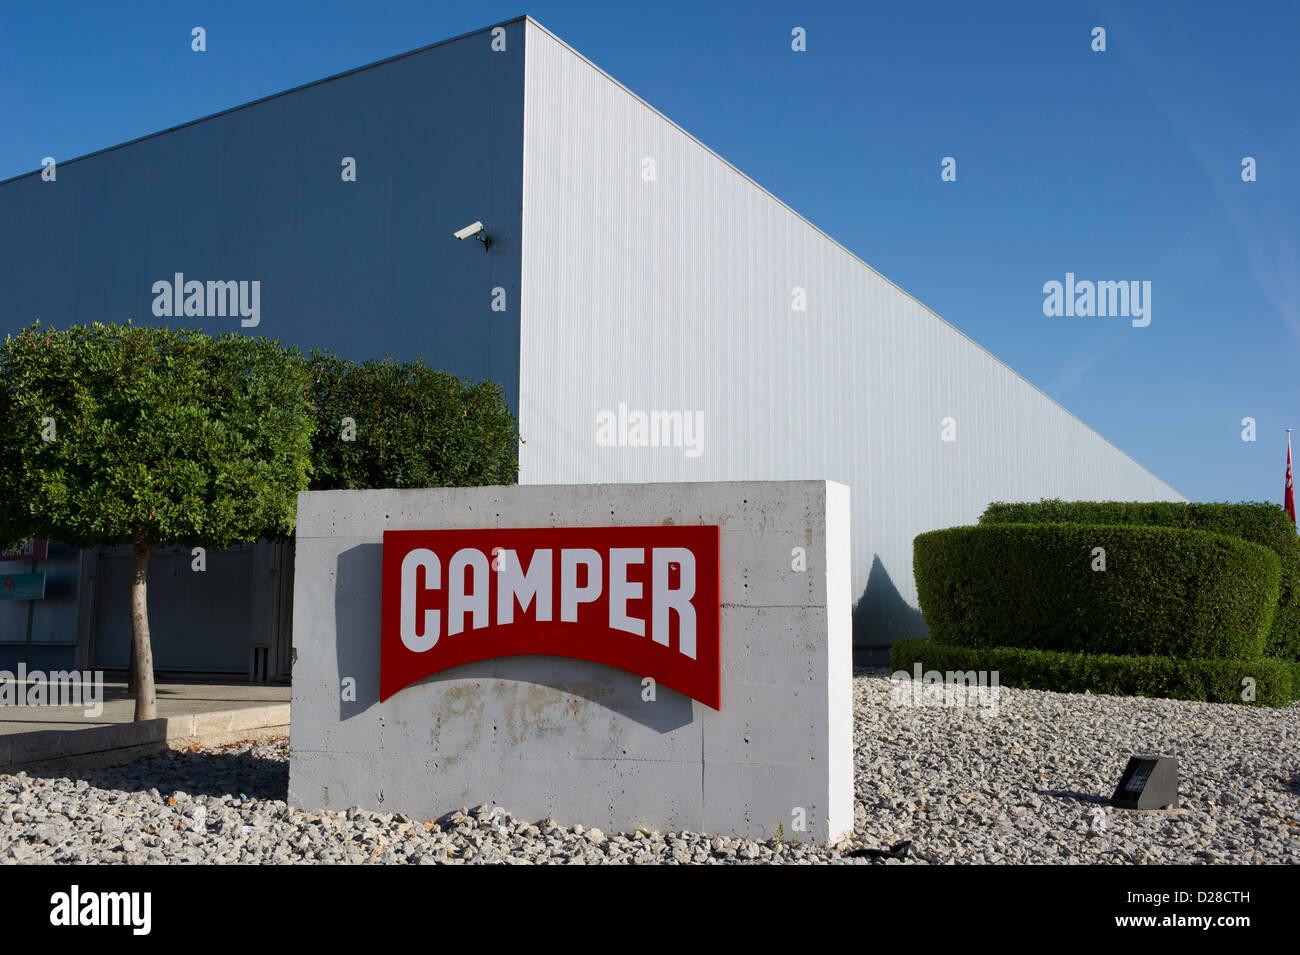 Alamy amp; Mallorca Stock Fotos Immagini Camper qxAWnUwW